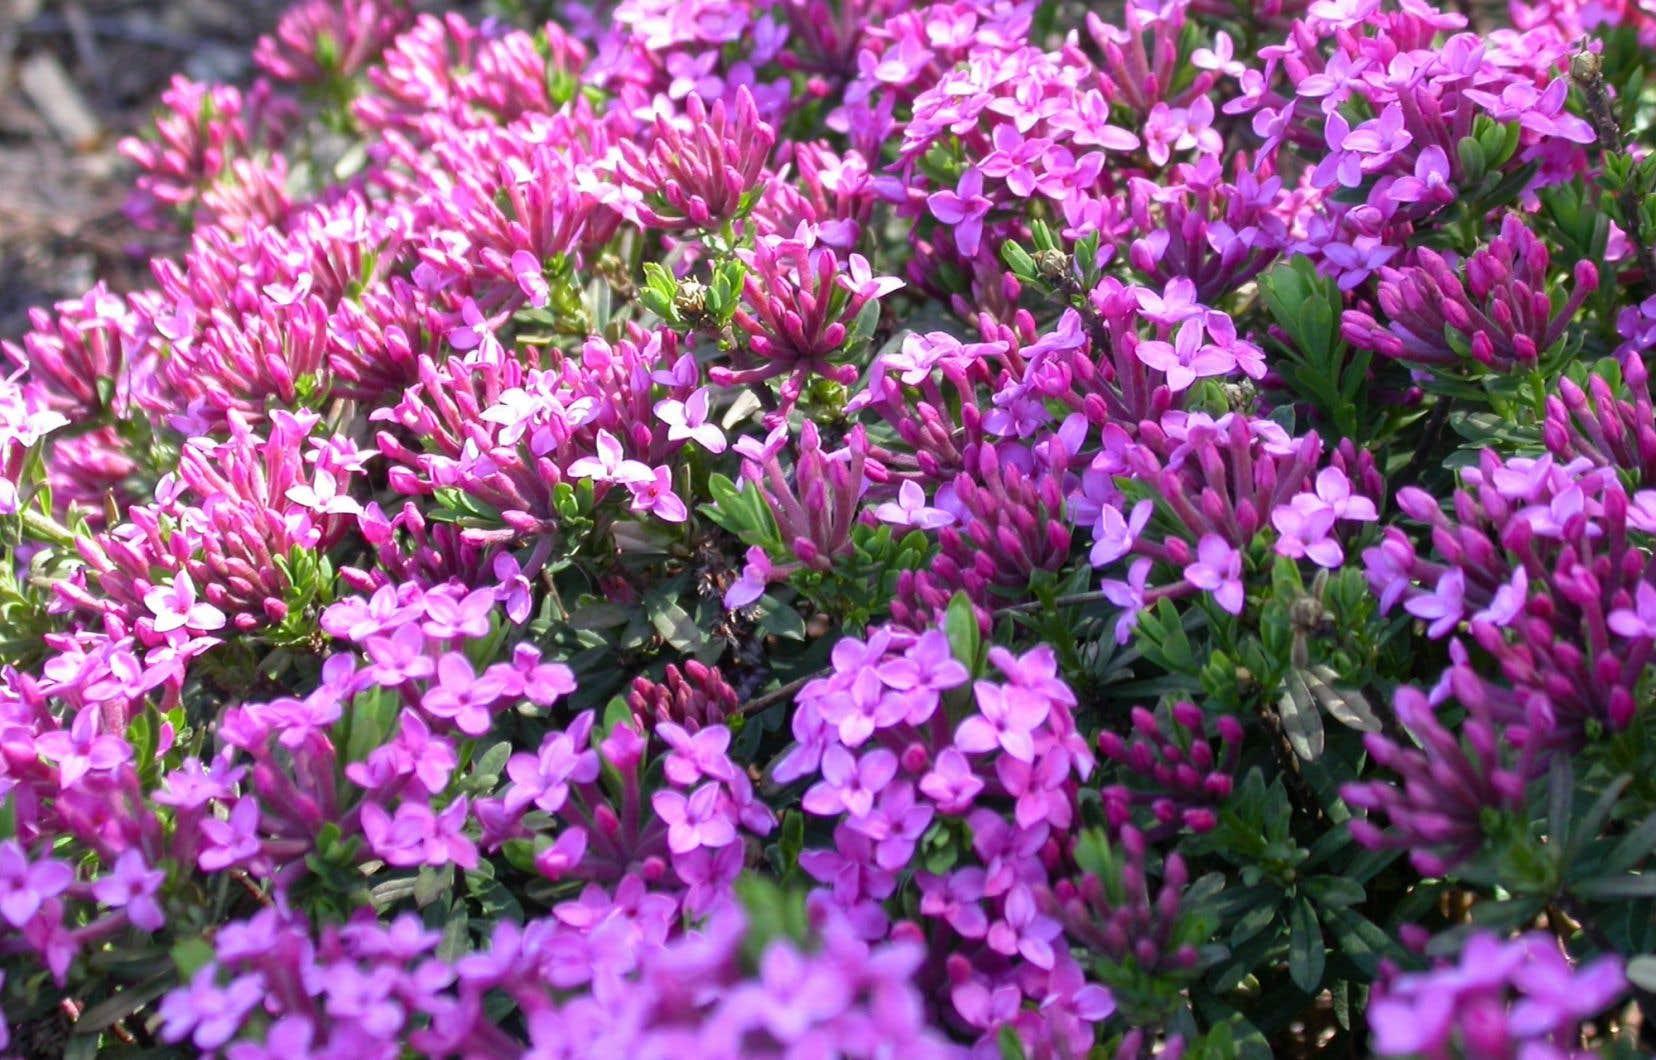 Arbuste Persistant Pour Pot les arbustes, ces grands oubliés | le devoir